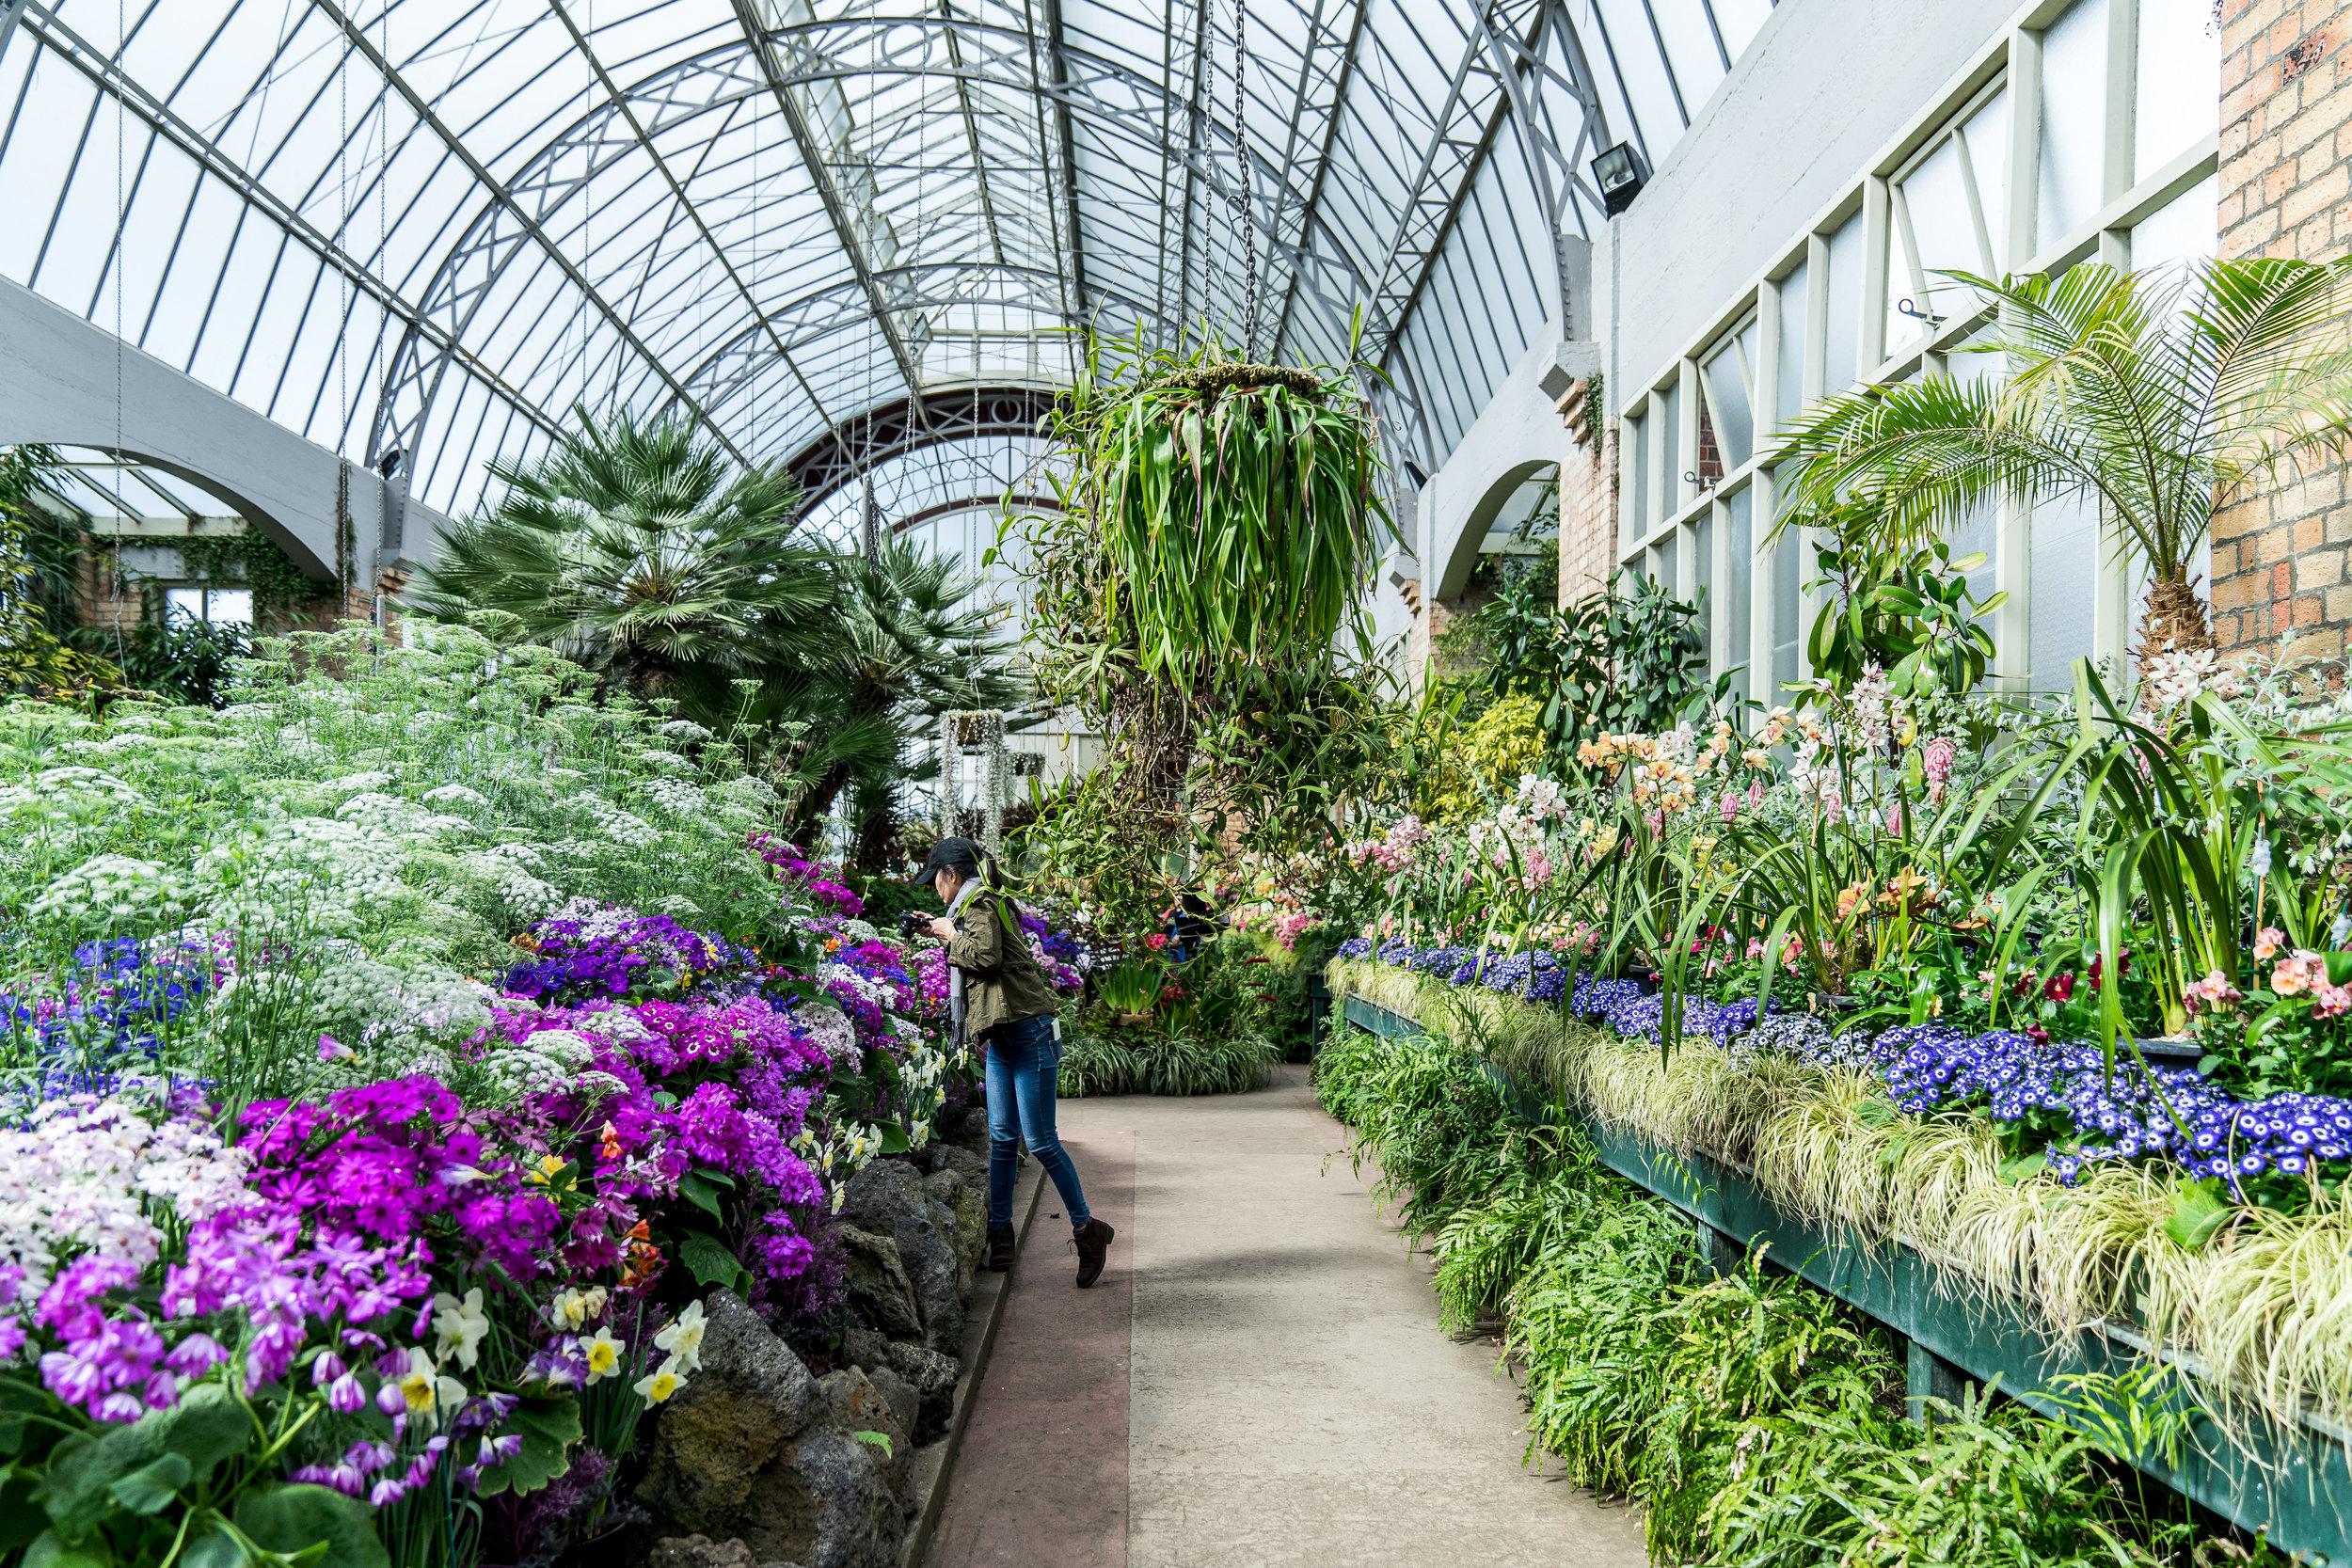 Wintergardens Auckland Interior 2